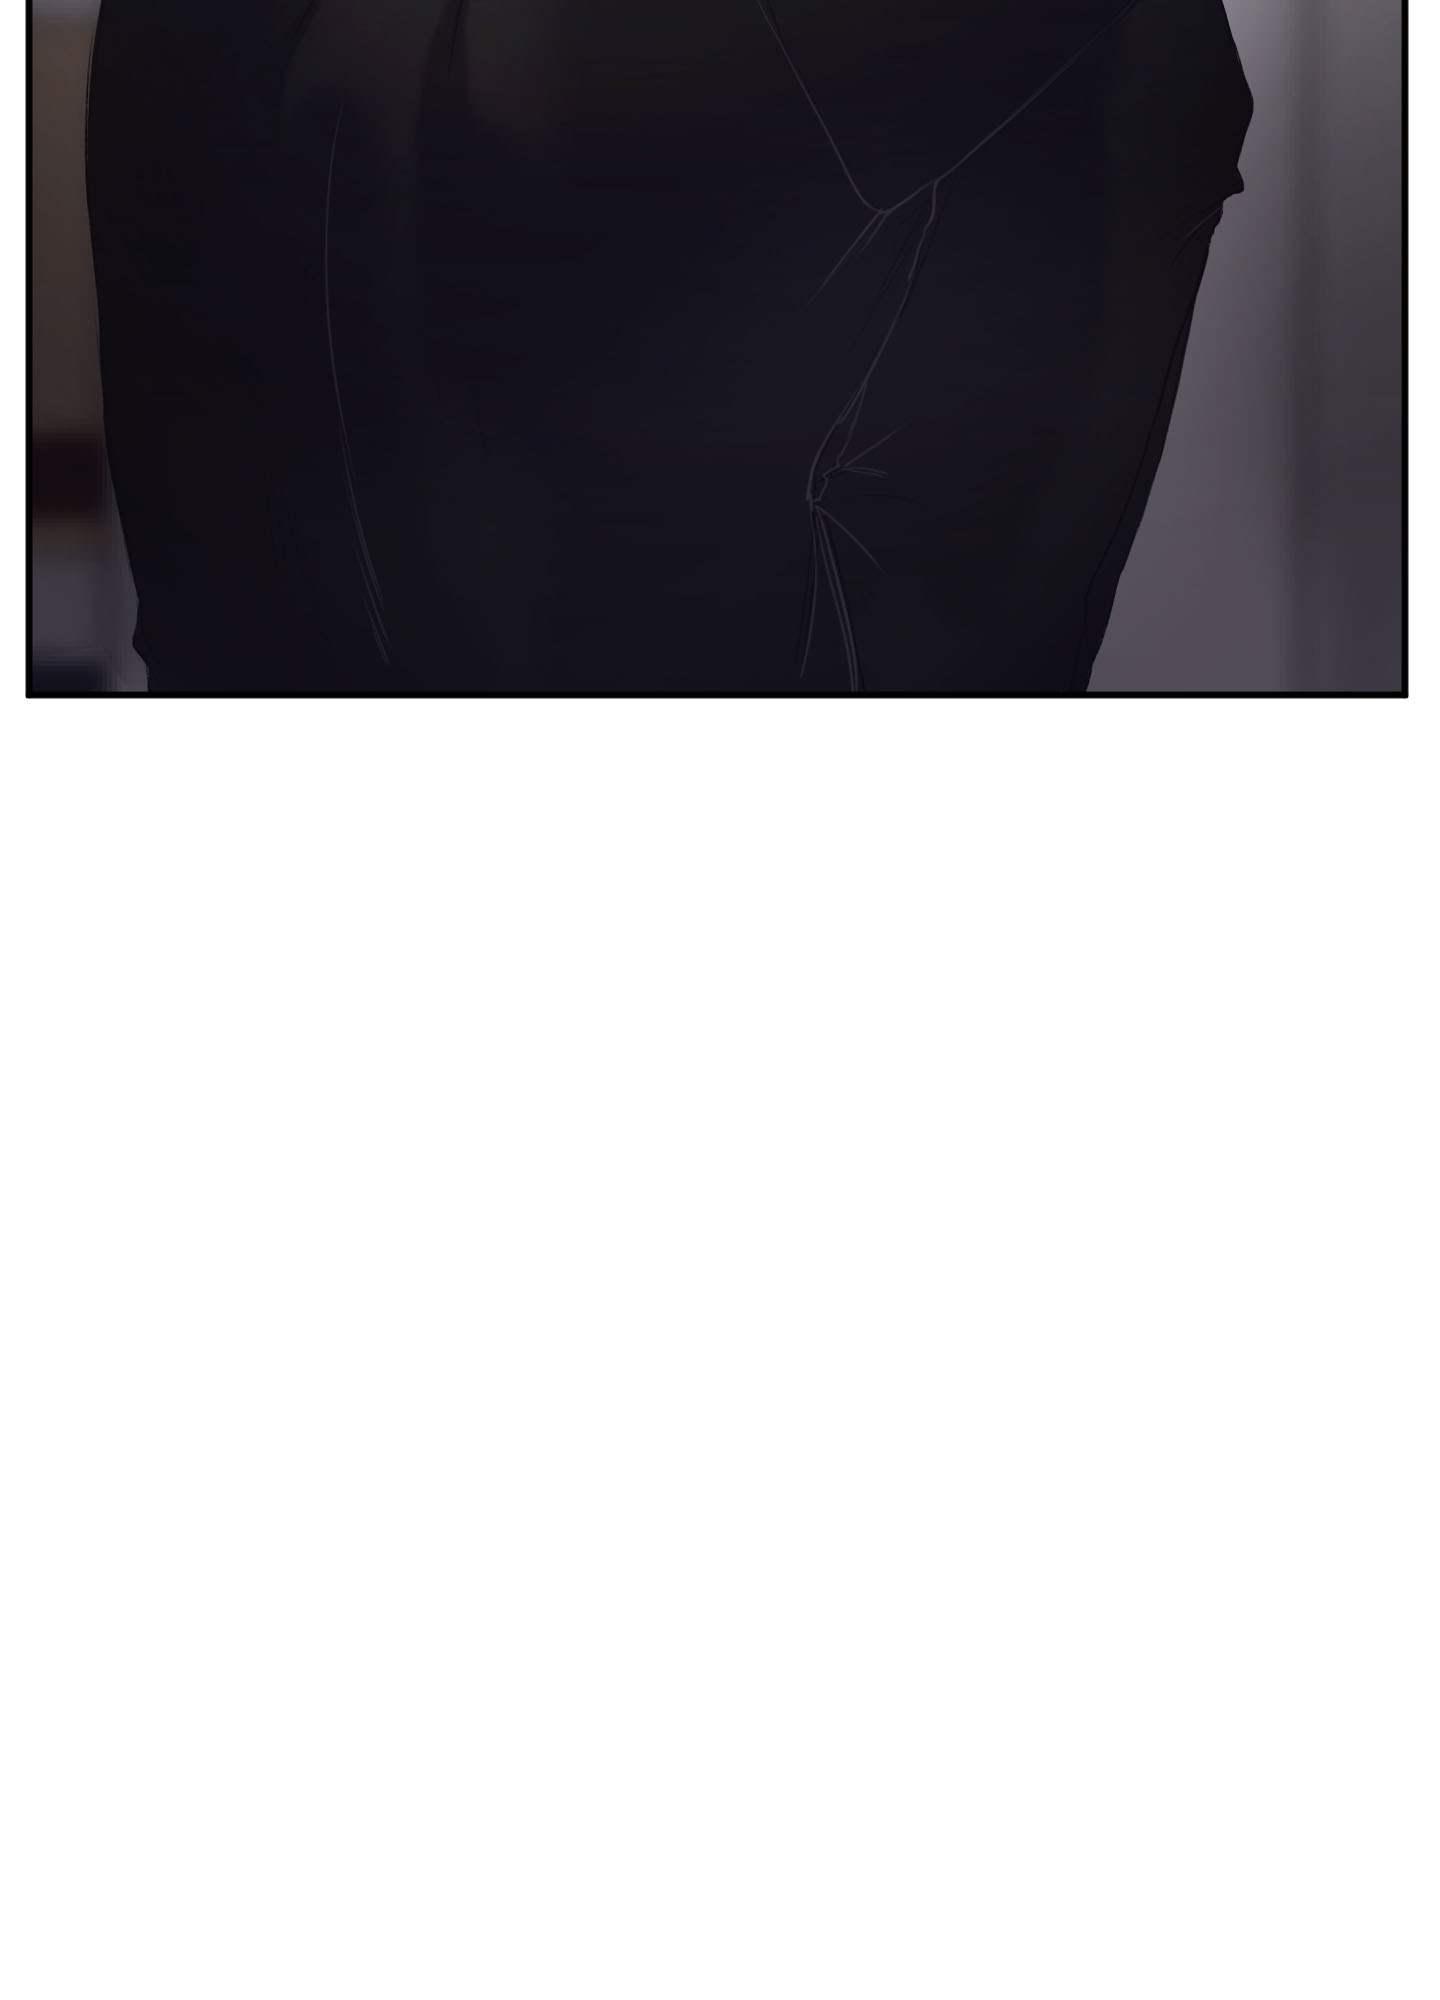 韩漫 |《恶魔的低语》年下痞老板,上来就扑倒!  第36张